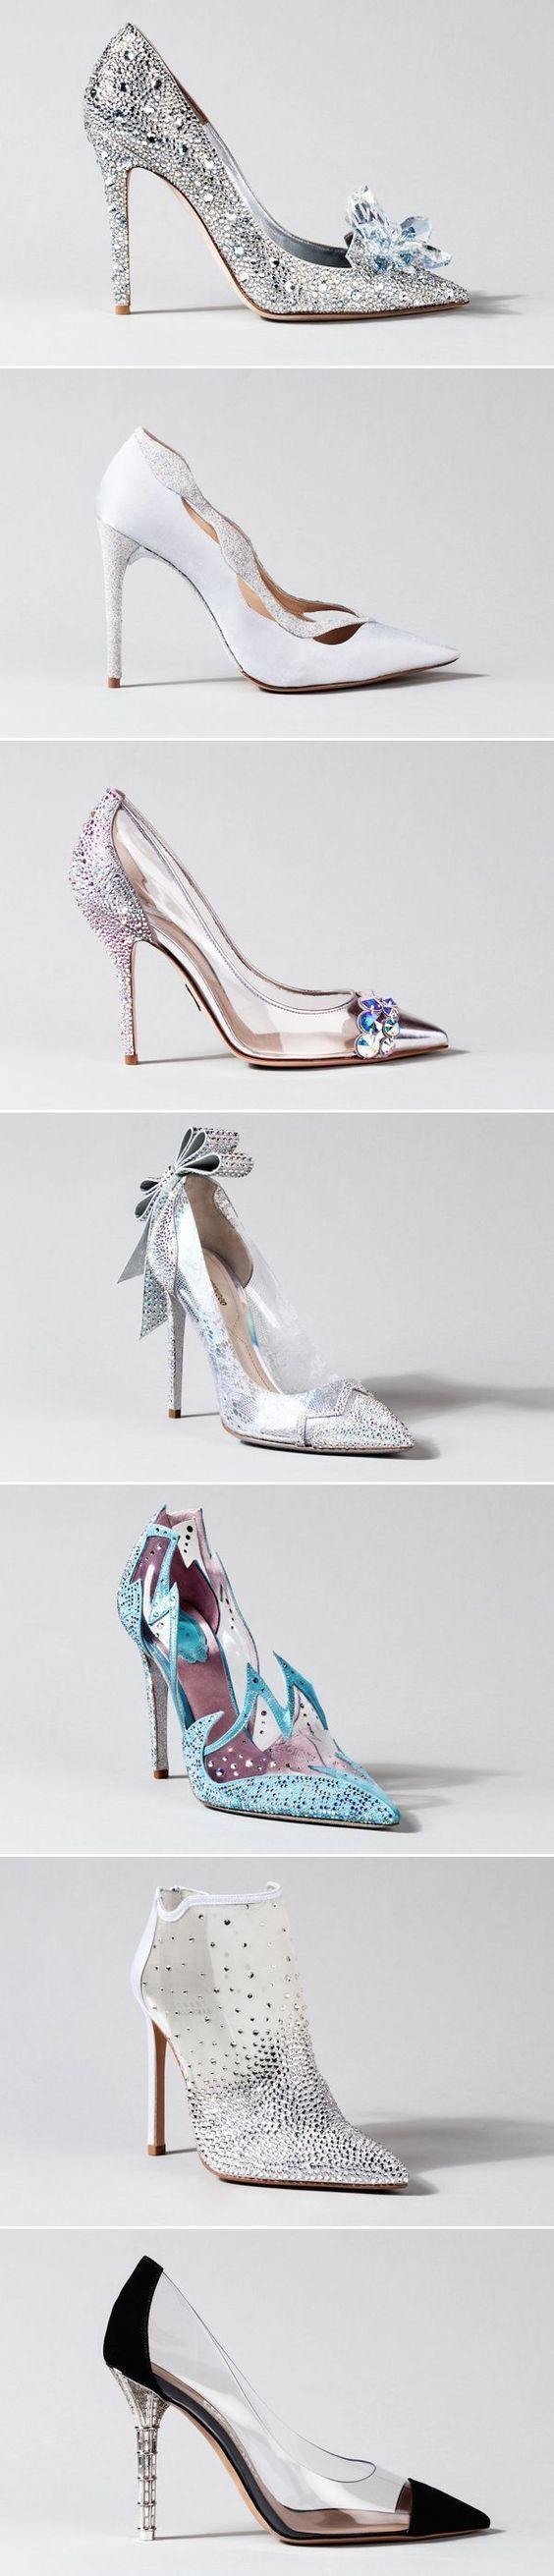 15 Stunning CinderellaInspired Wedding Shoes Bling